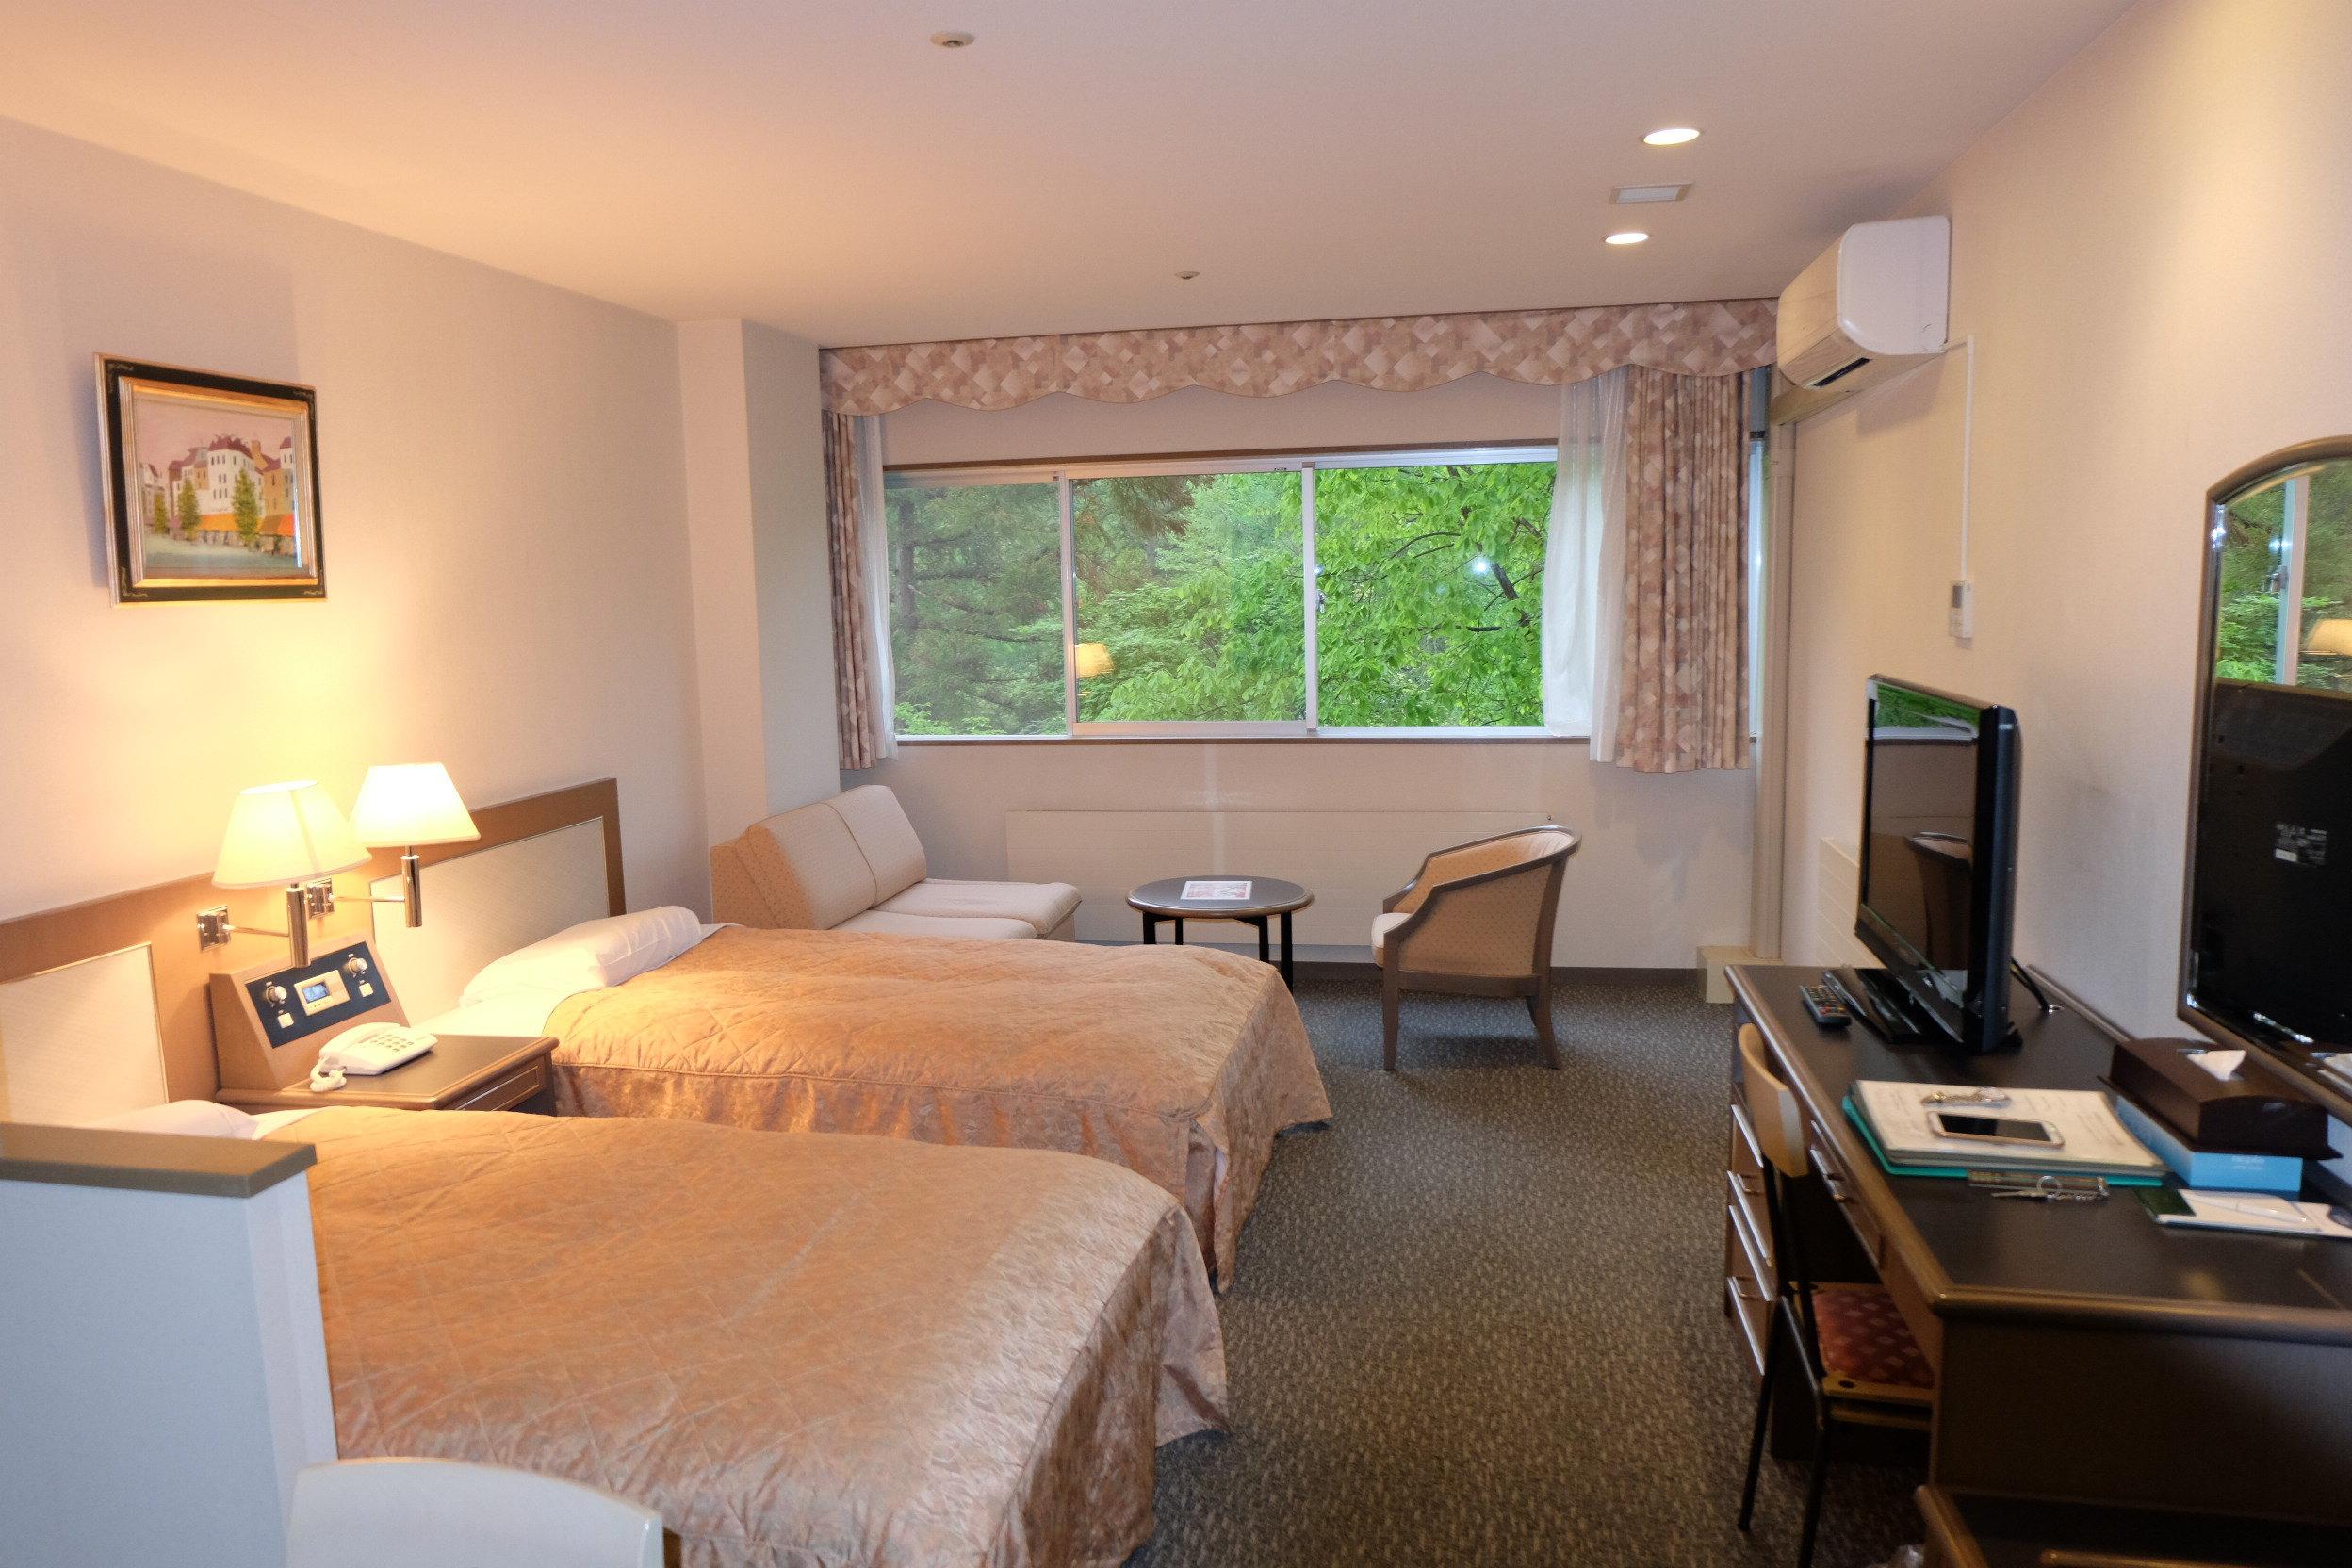 日本卧室装修效果图